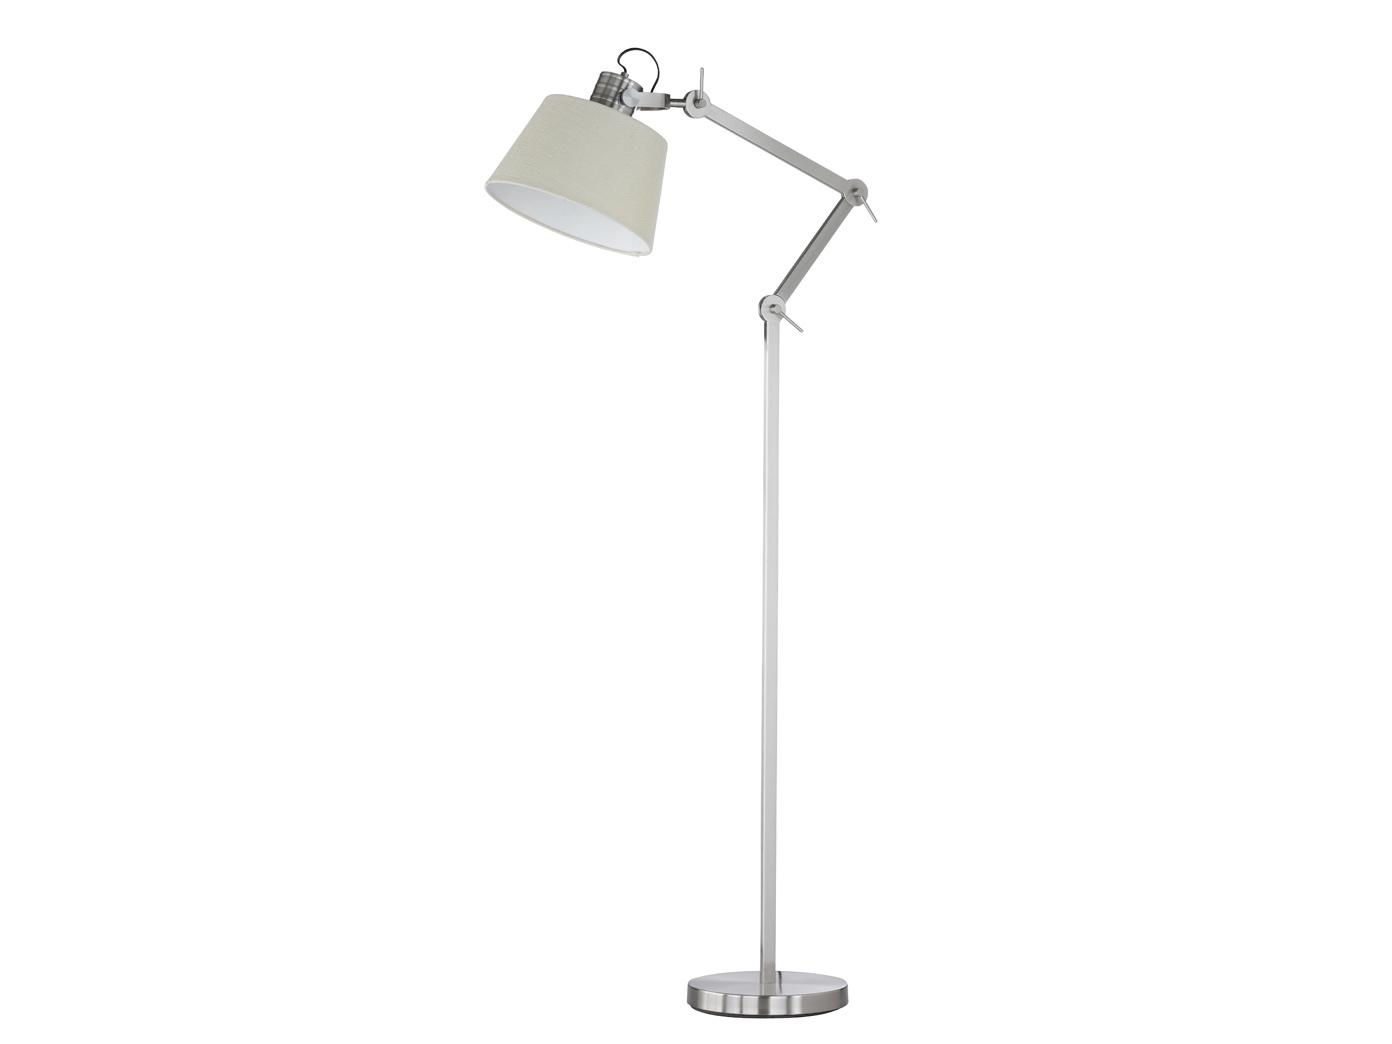 Schön Stehlampe Mit Schirm Foto Von 1 Von 7kostenloser Versand Led Schwenkbar Nickel